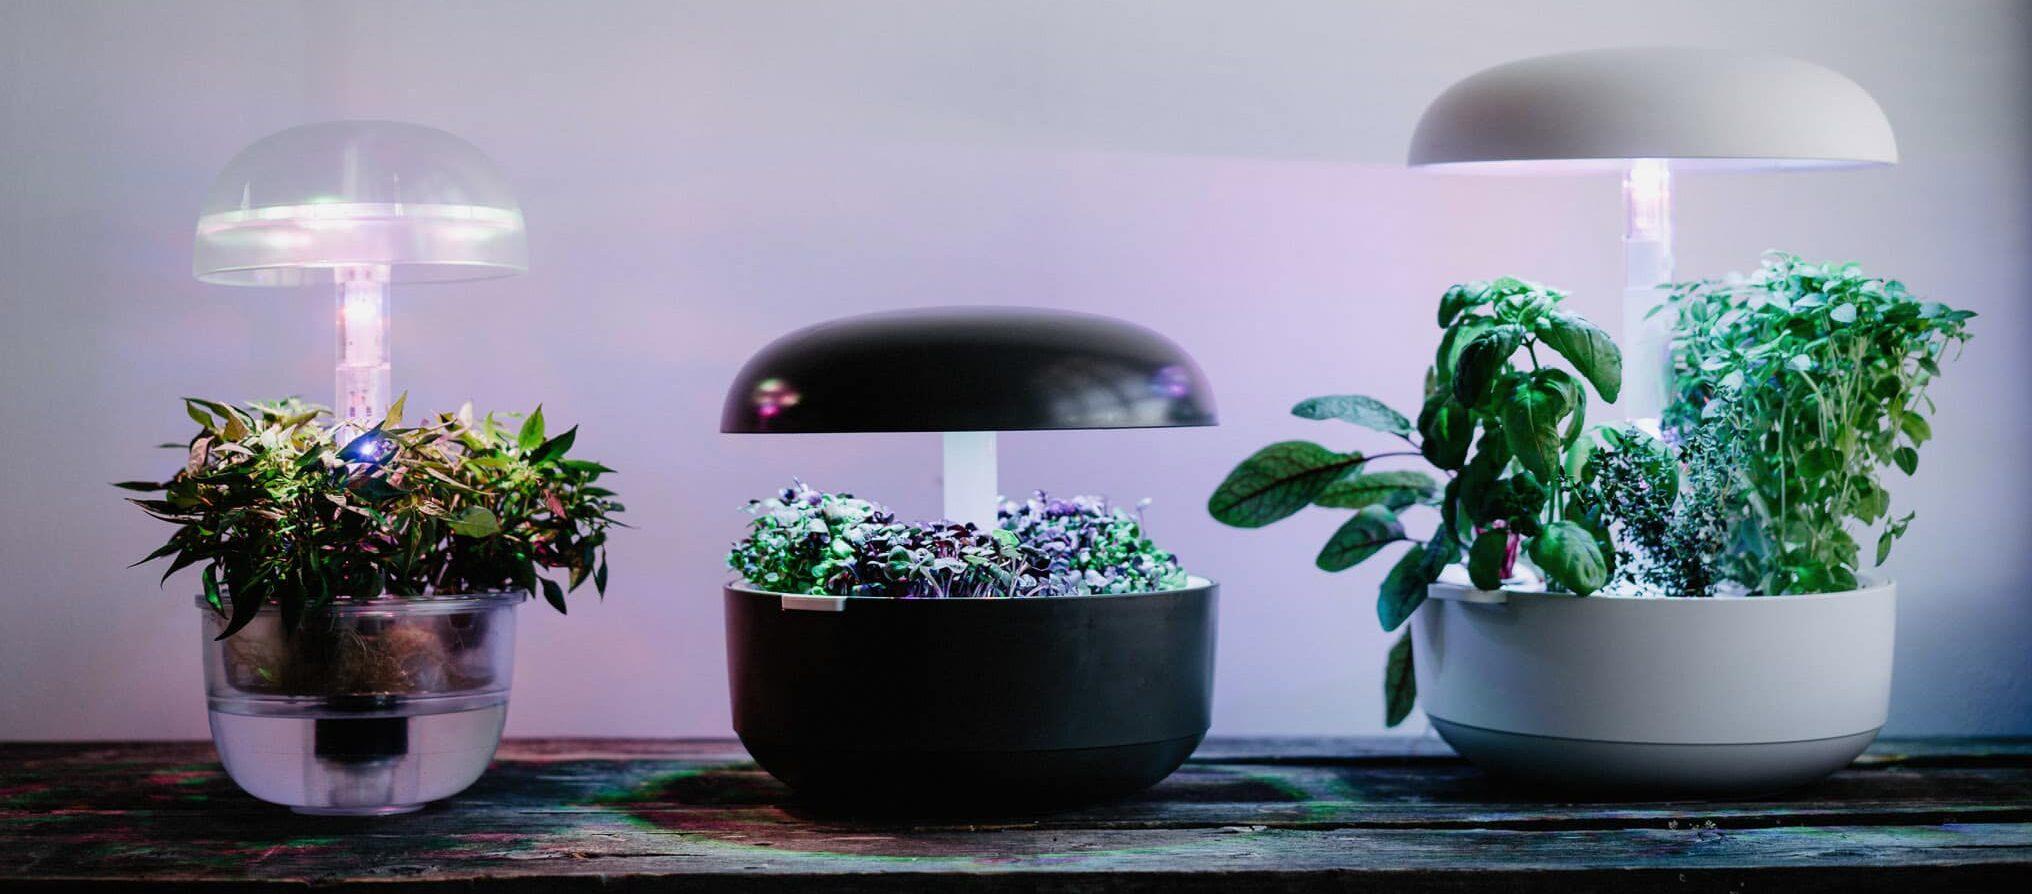 Plantuin kasvivalo: patentoitua teknologiaa kasvien parhaaksi